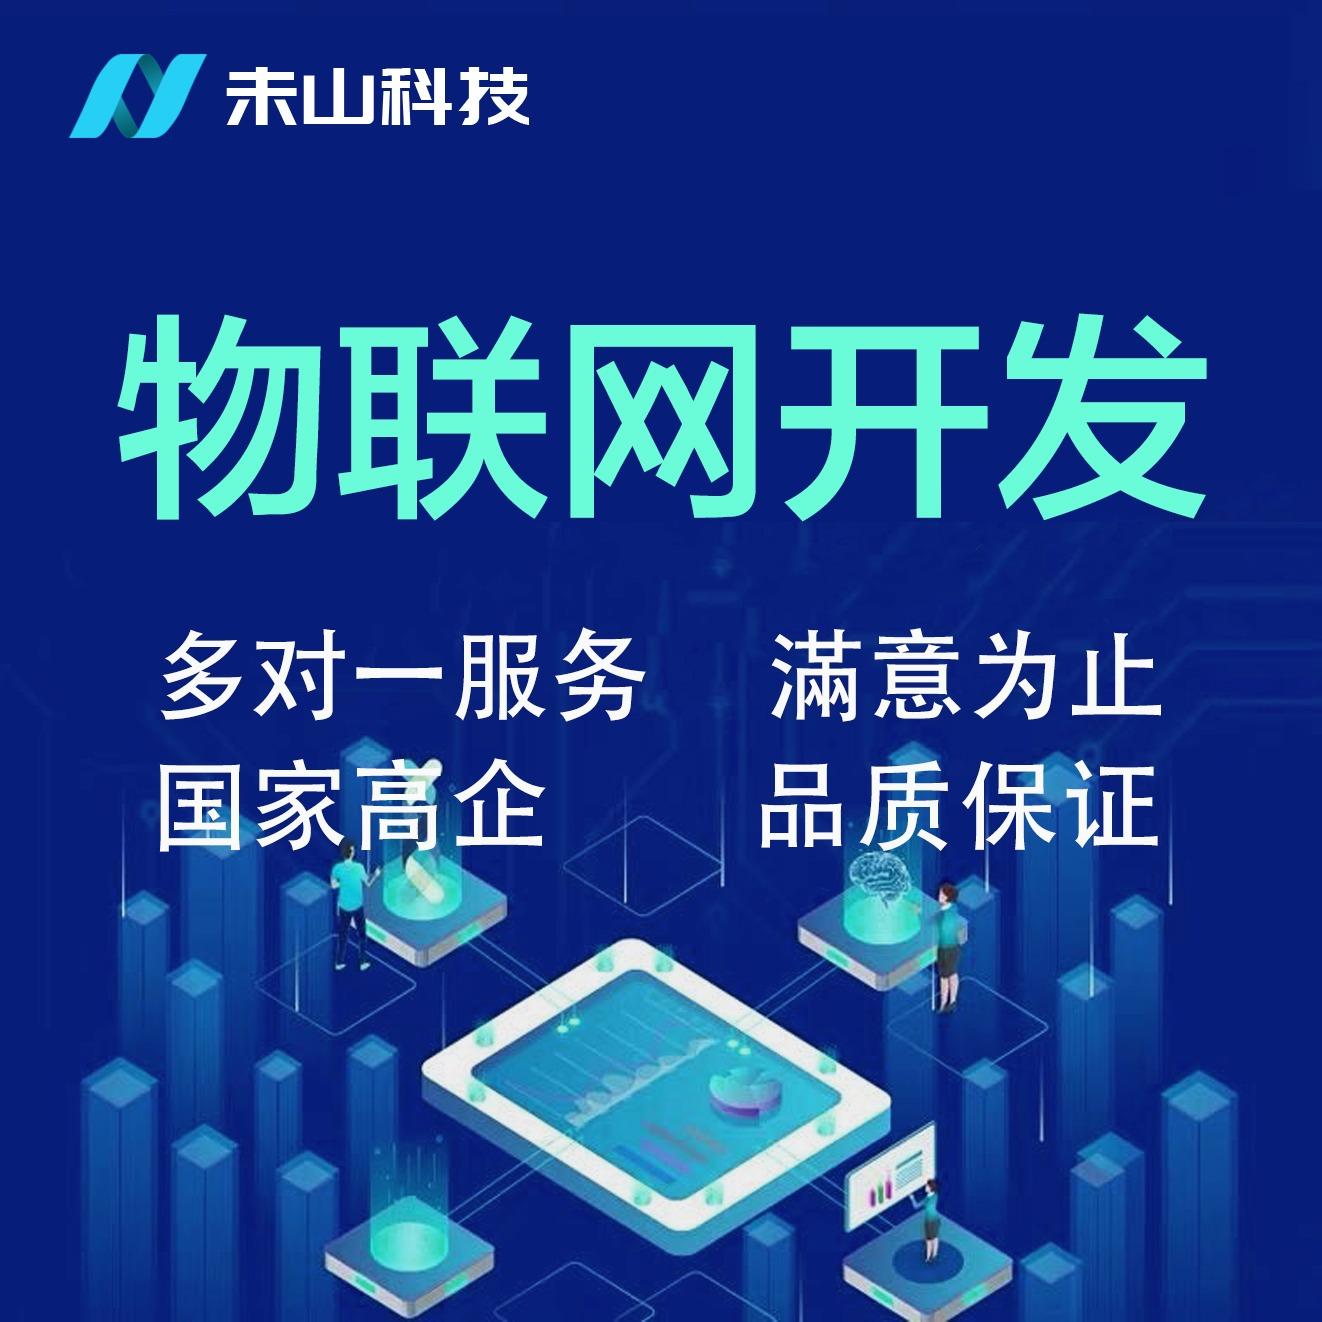 物联网开发/智能硬件/智能家居穿戴设备/智能电路WIFI蓝牙